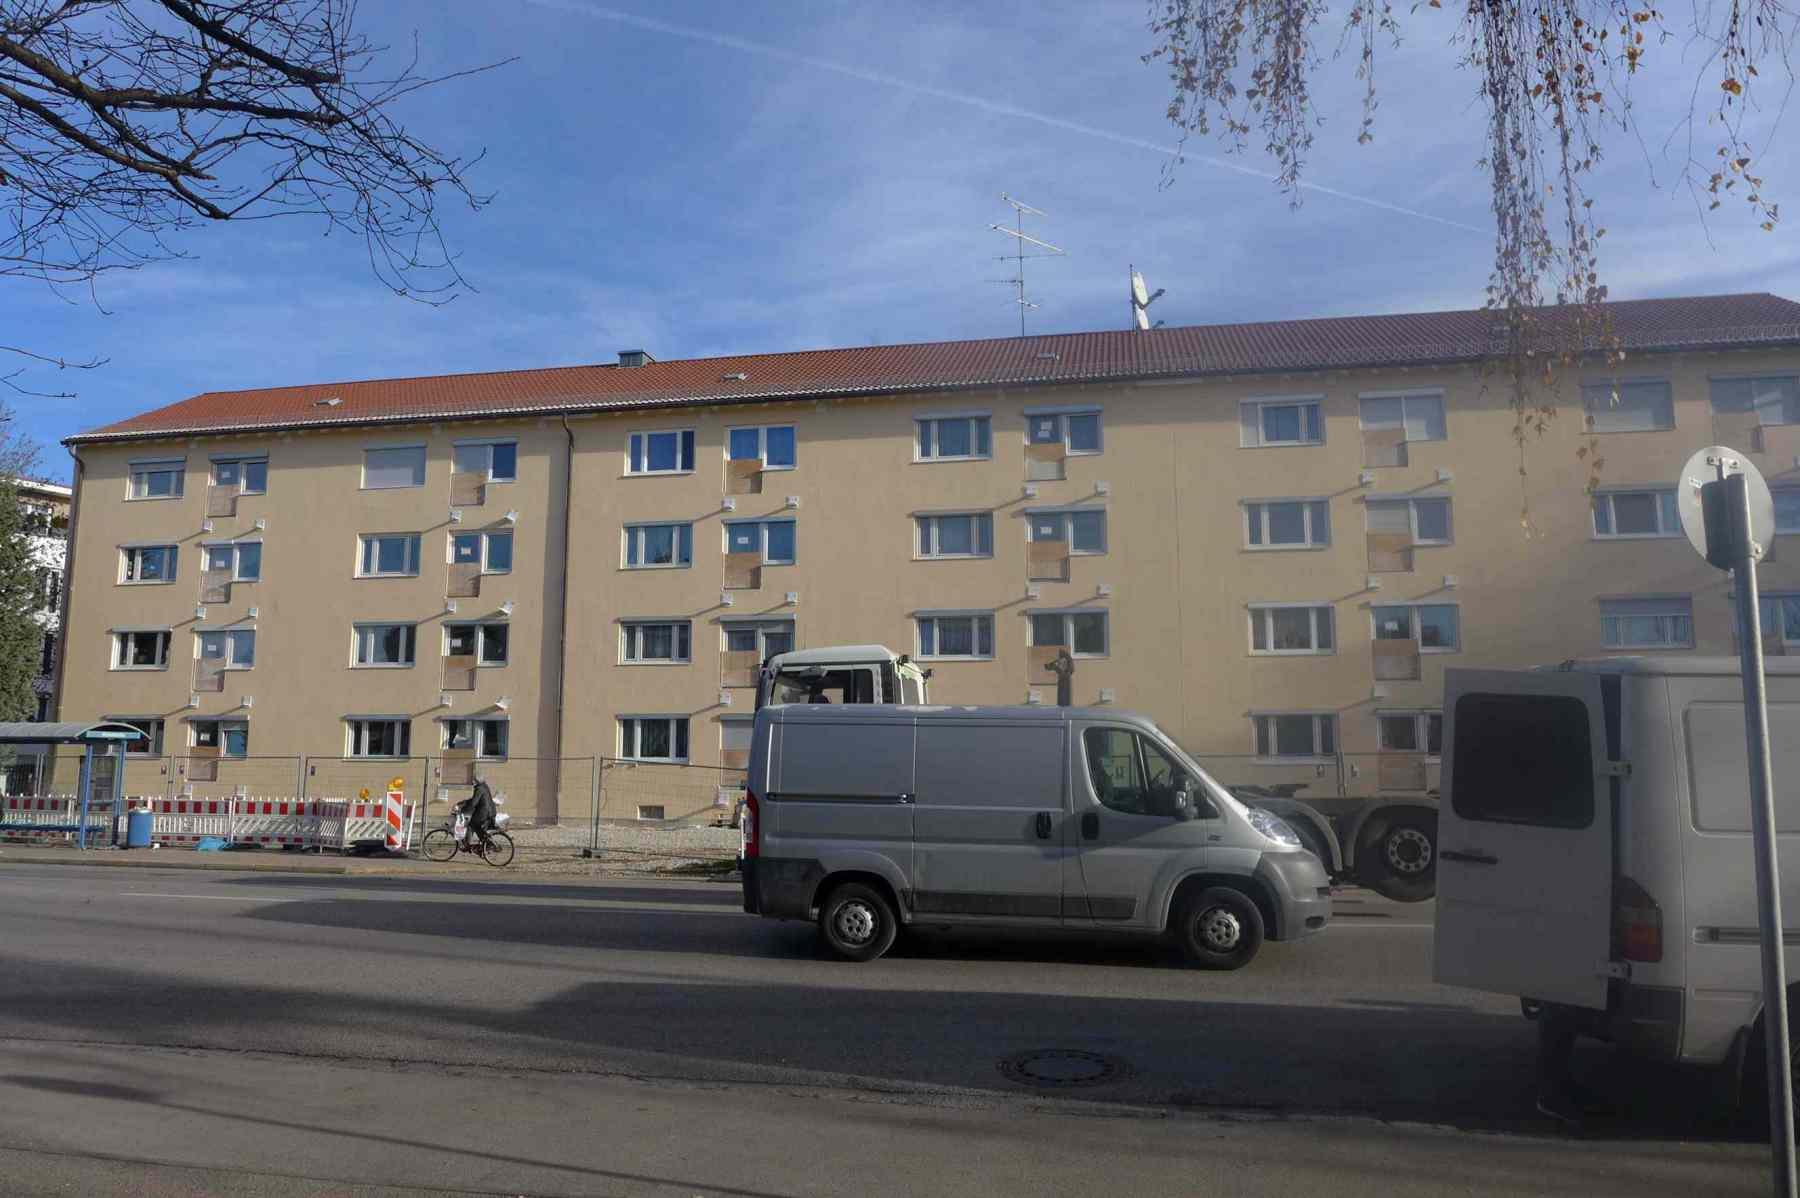 Balkonerneuerung-Muenchen-25